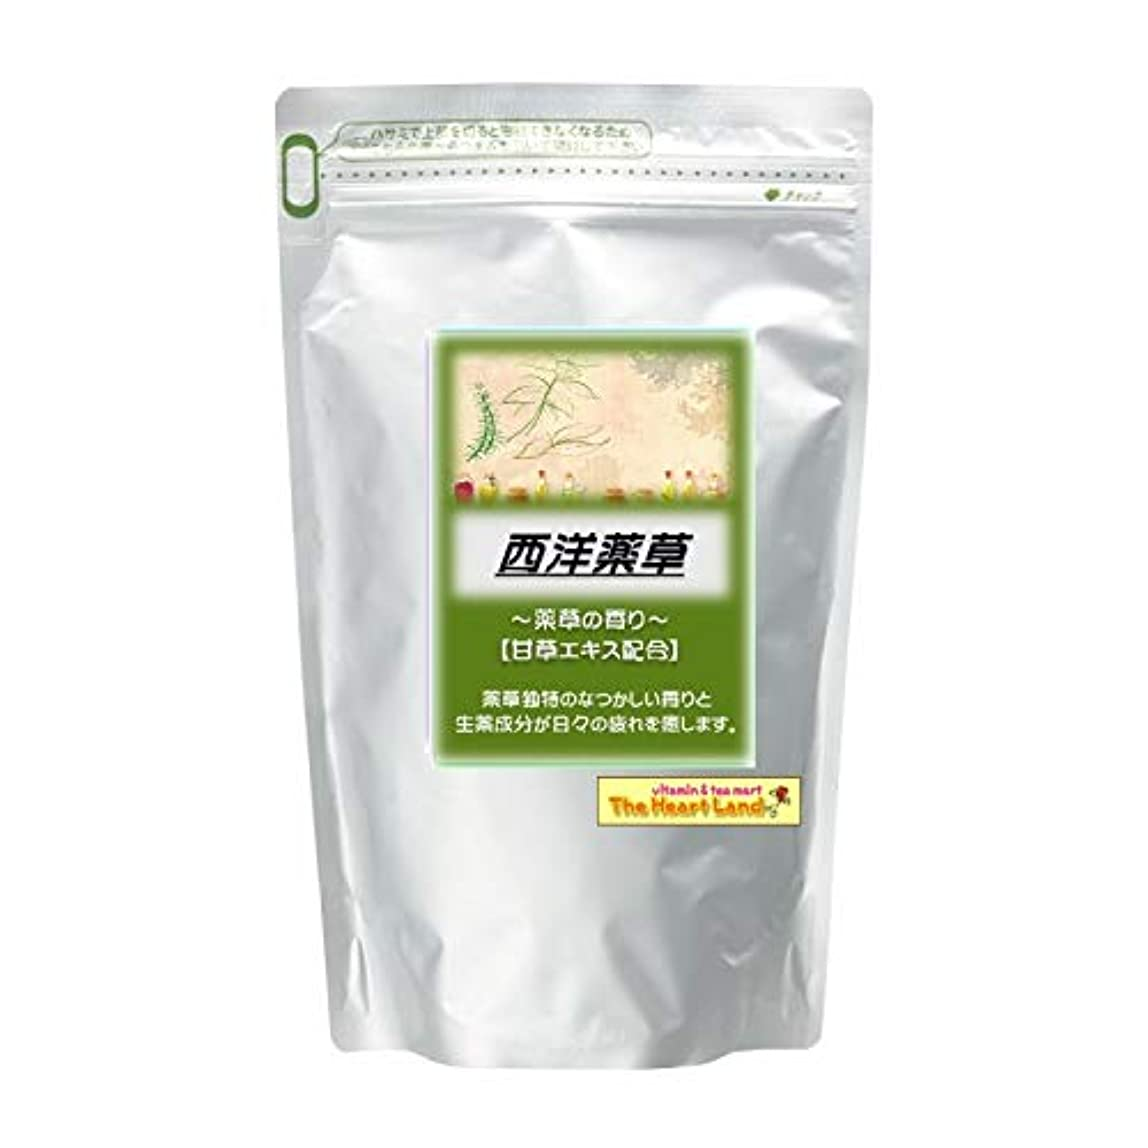 困った裂け目協会アサヒ入浴剤 浴用入浴化粧品 西洋薬草 300g